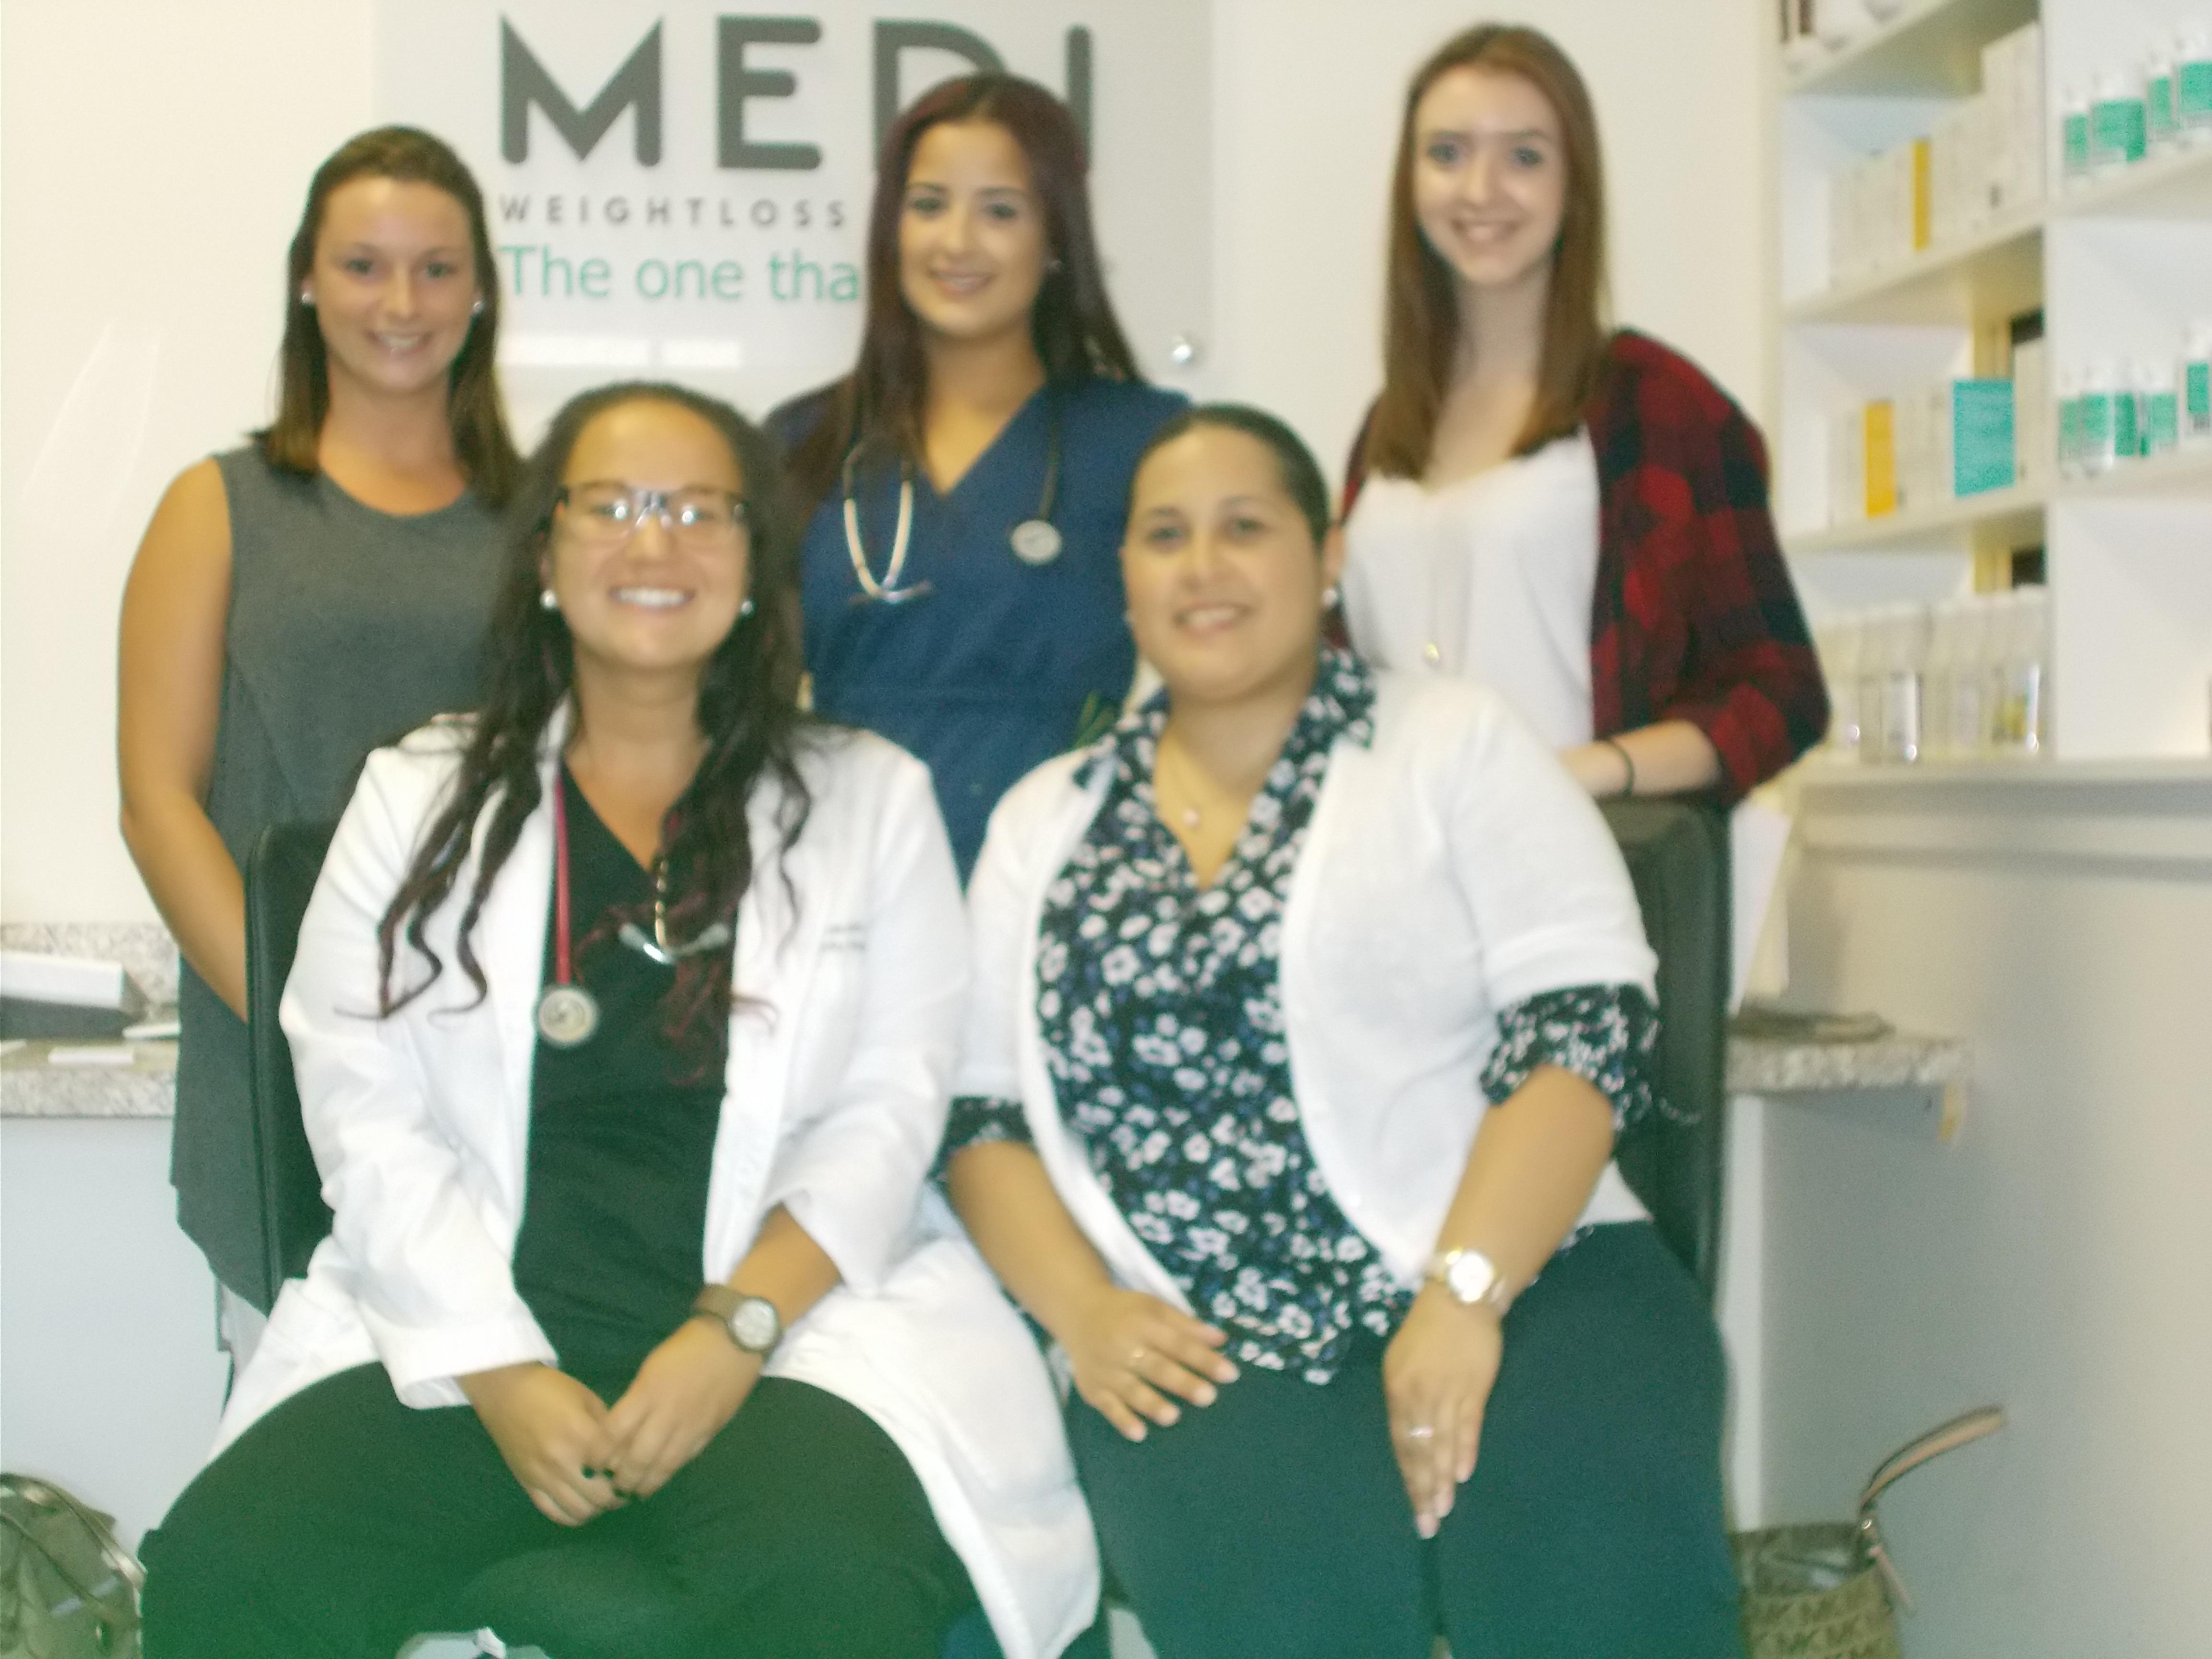 Medi-Weightloss Bristol Staff